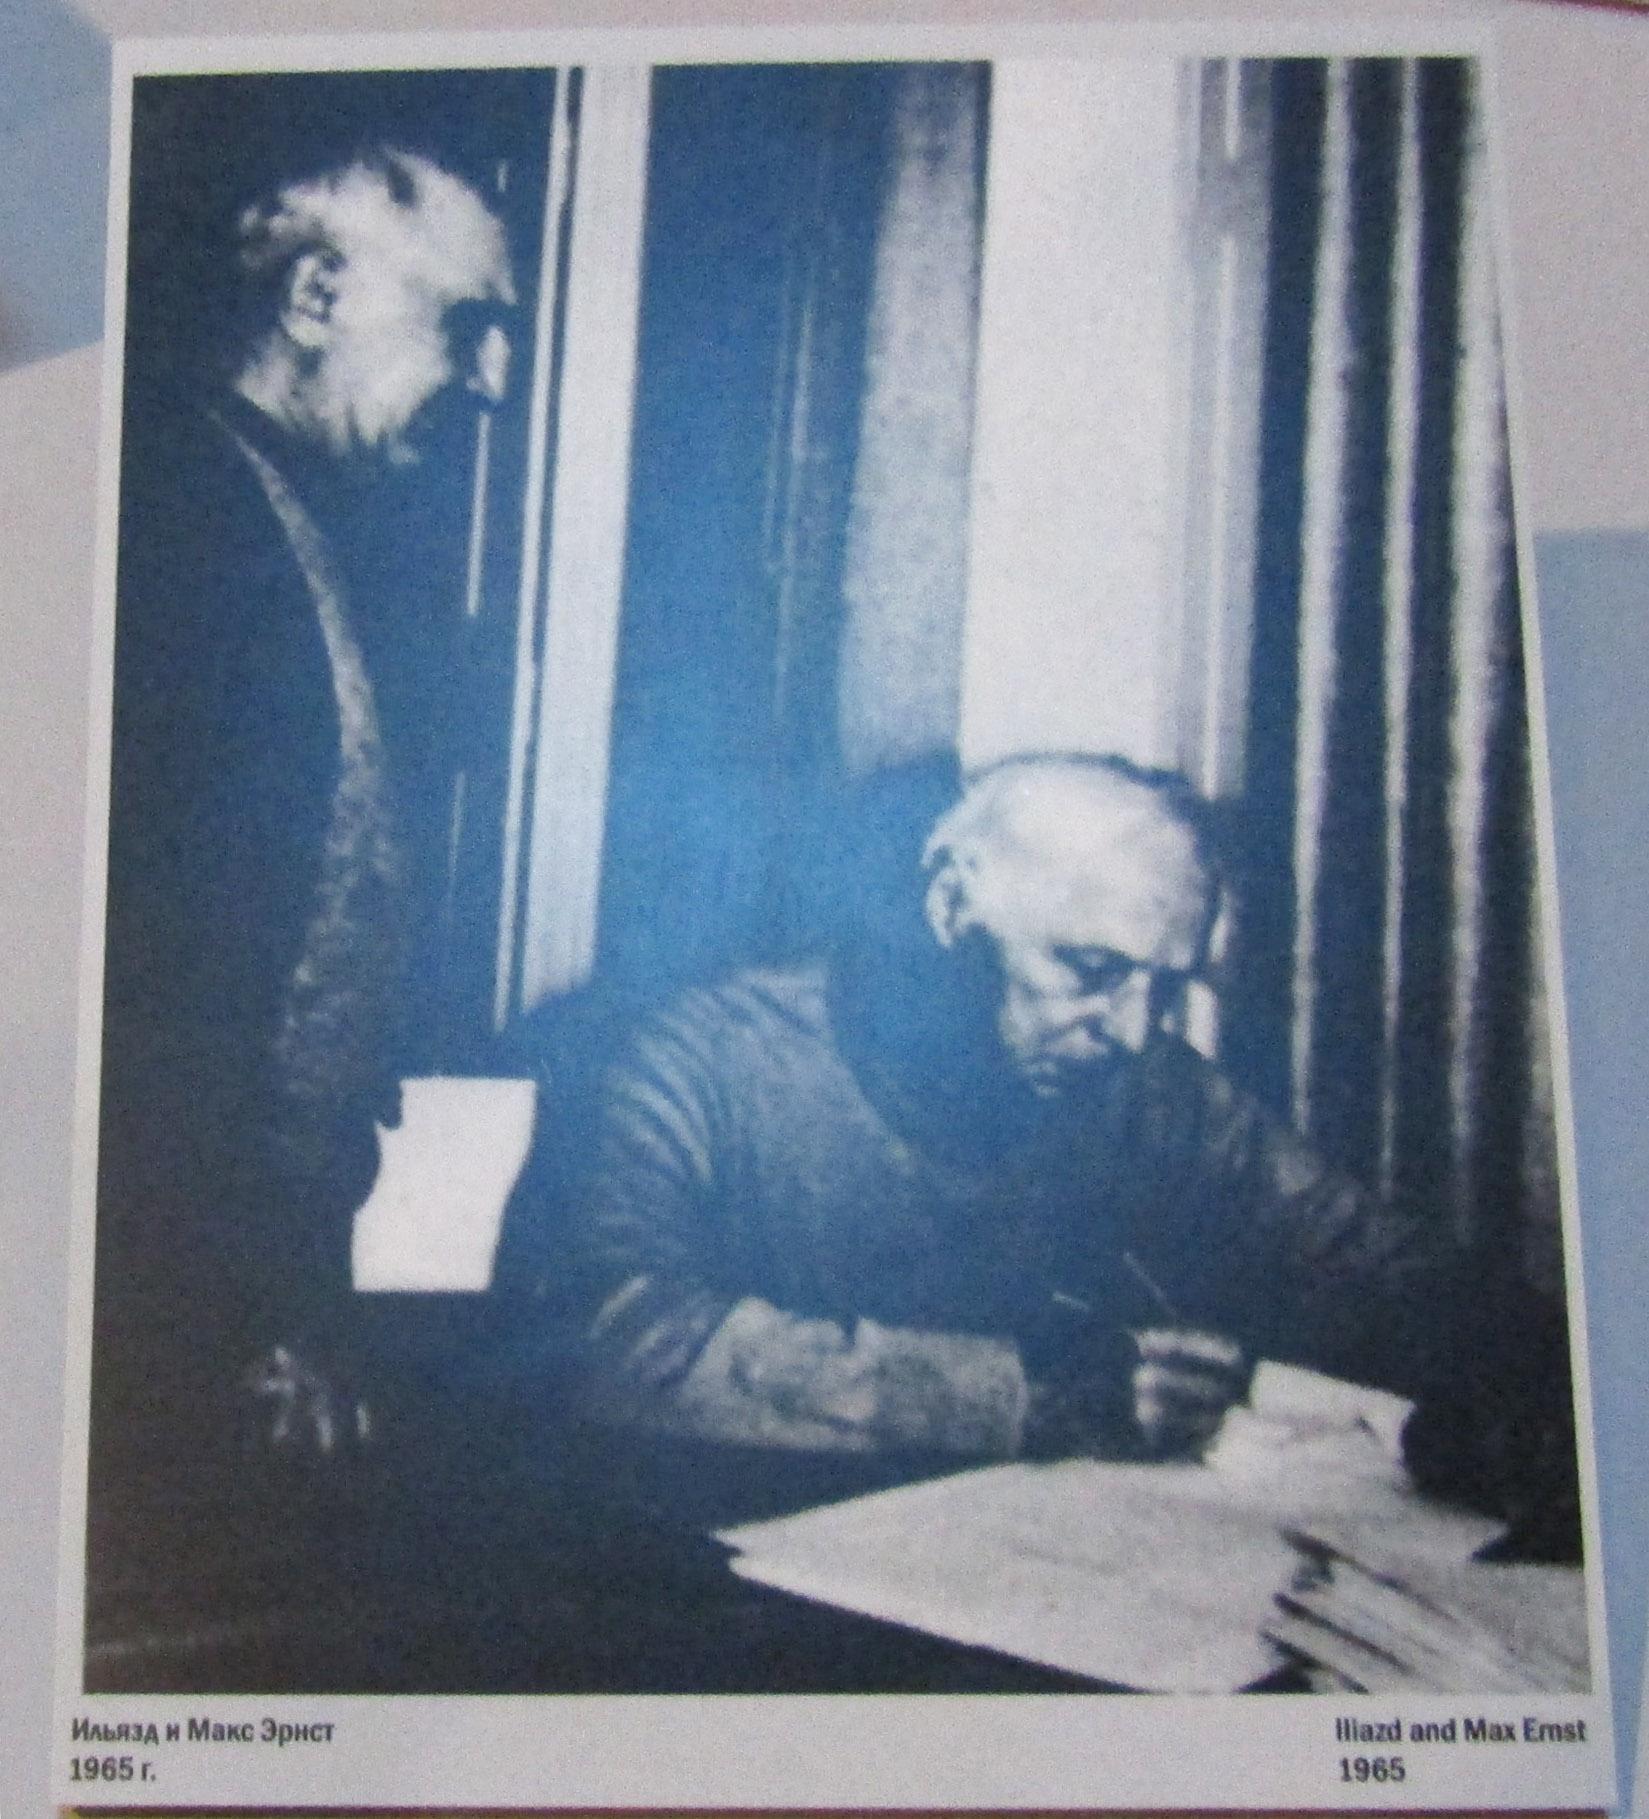 Ильязд и Макс Эрнст.jpg